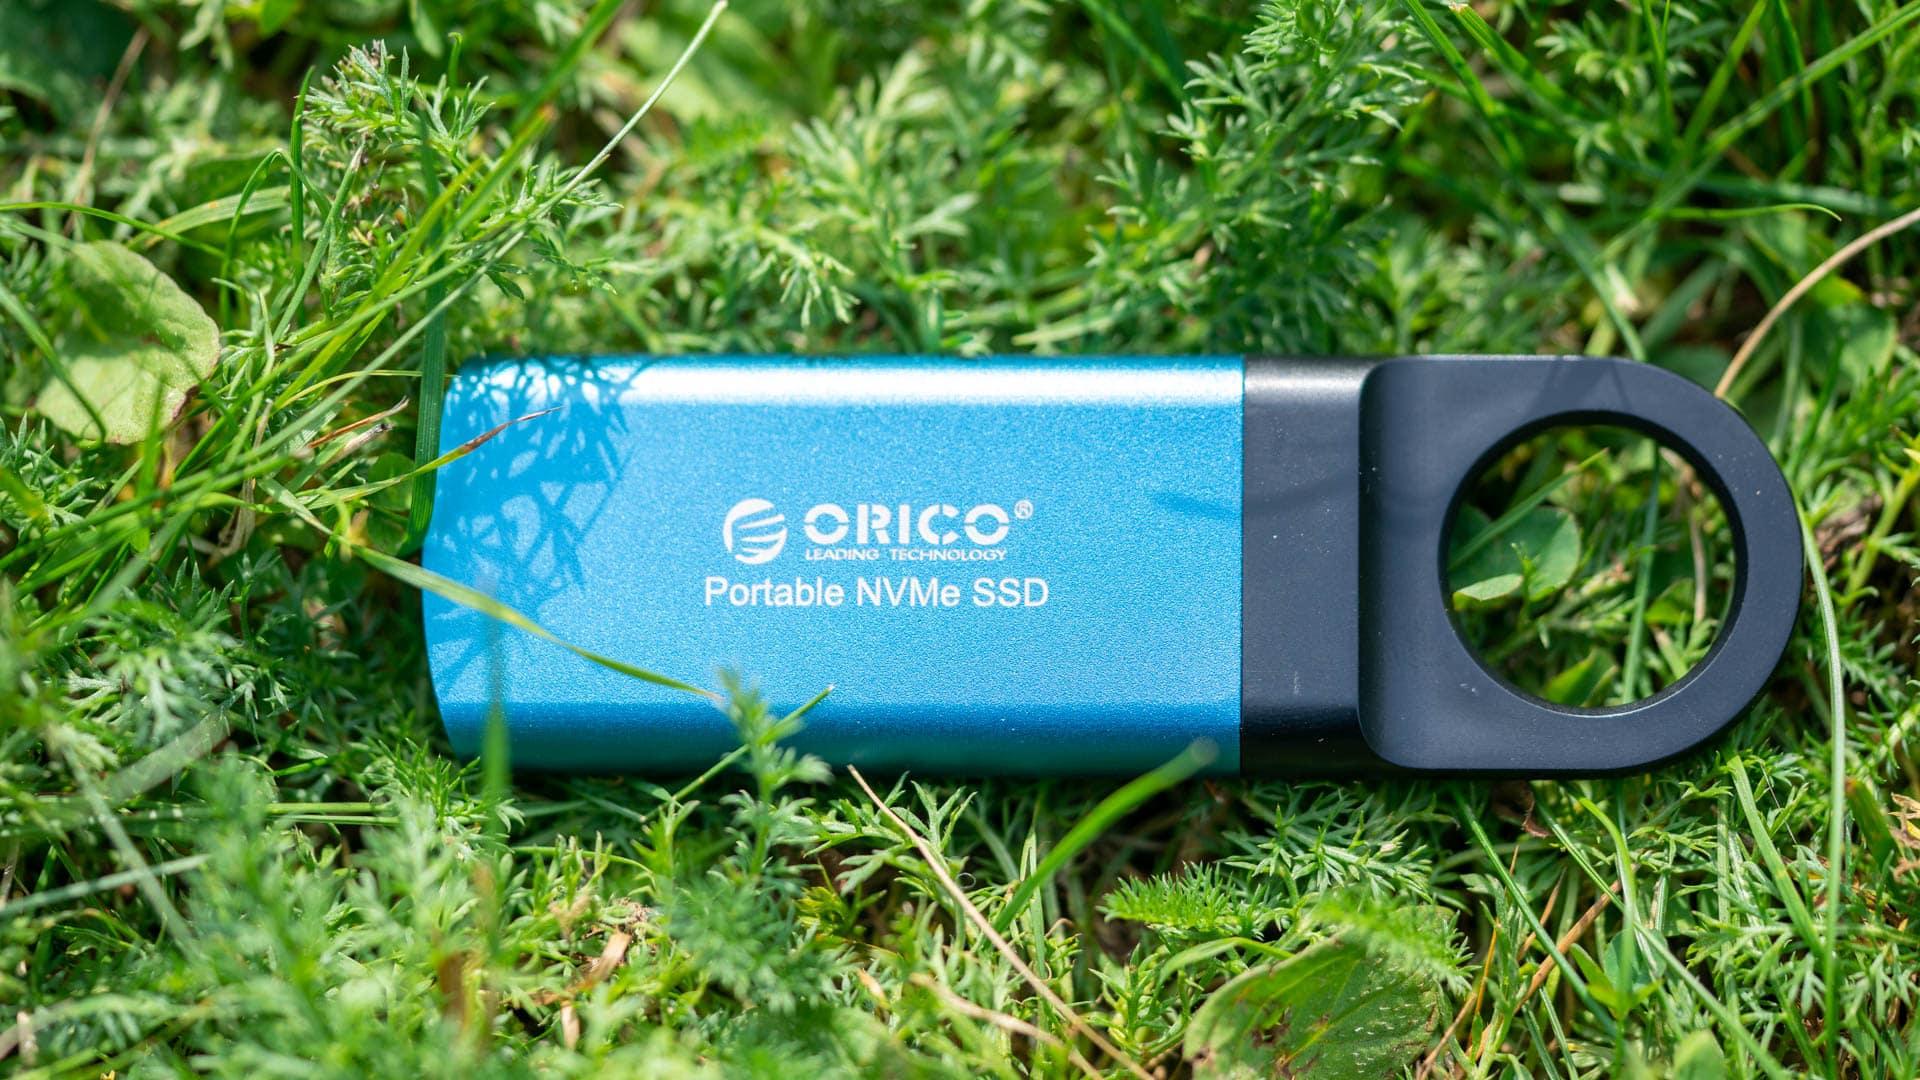 Die Orico GV100 externe SSD im Test